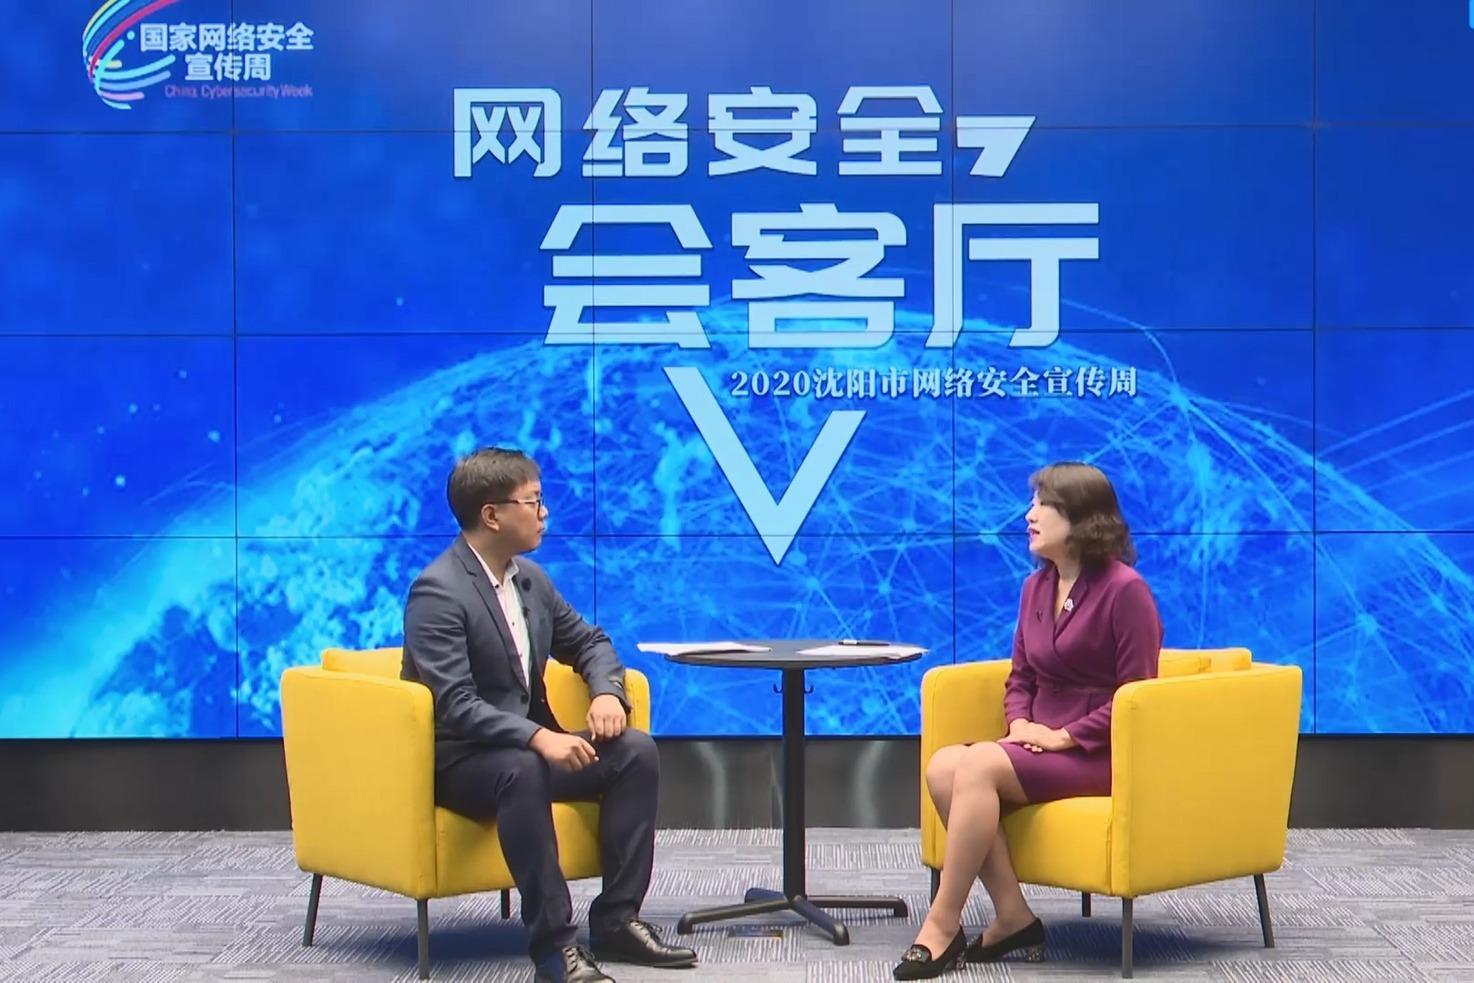 2020沈阳网络安全会客厅-沈阳市妇联副主席孙野